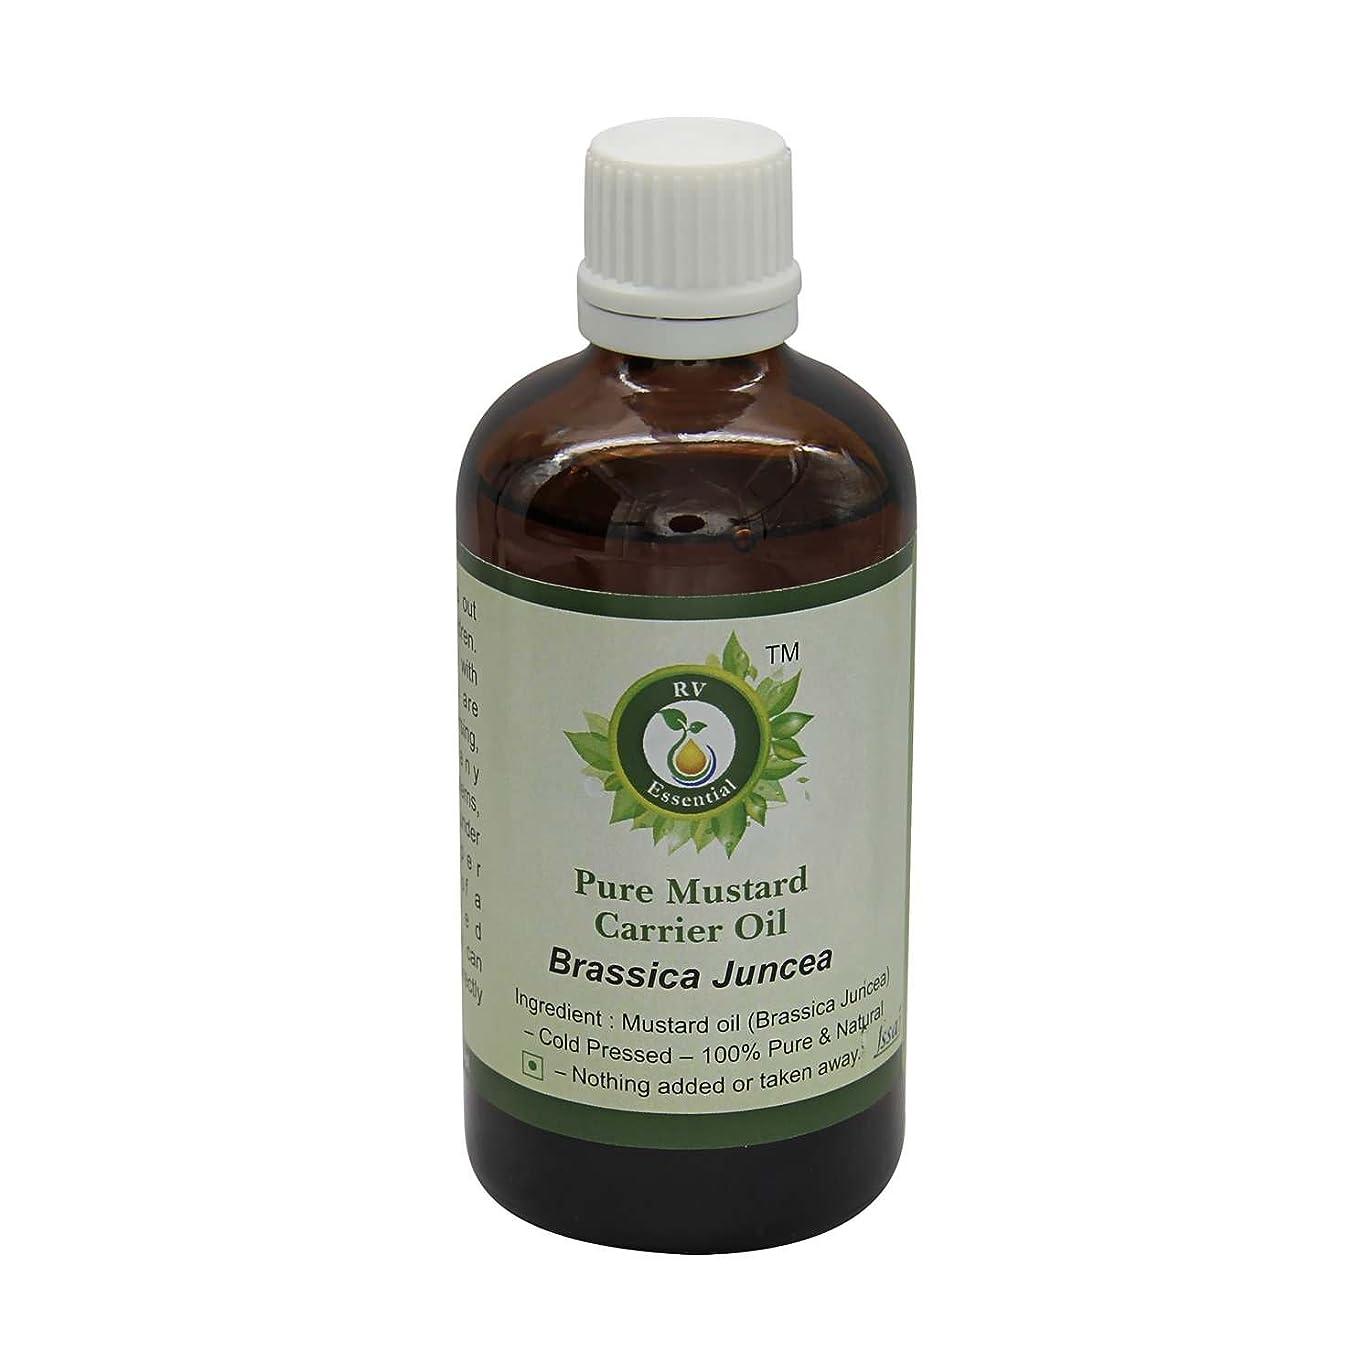 ヒール微生物ビュッフェR V Essential 純粋なマスタードキャリアオイル5ml (0.169oz)- Brassica Juncea (100%ピュア&ナチュラルコールドPressed) Pure Mustard Carrier Oil